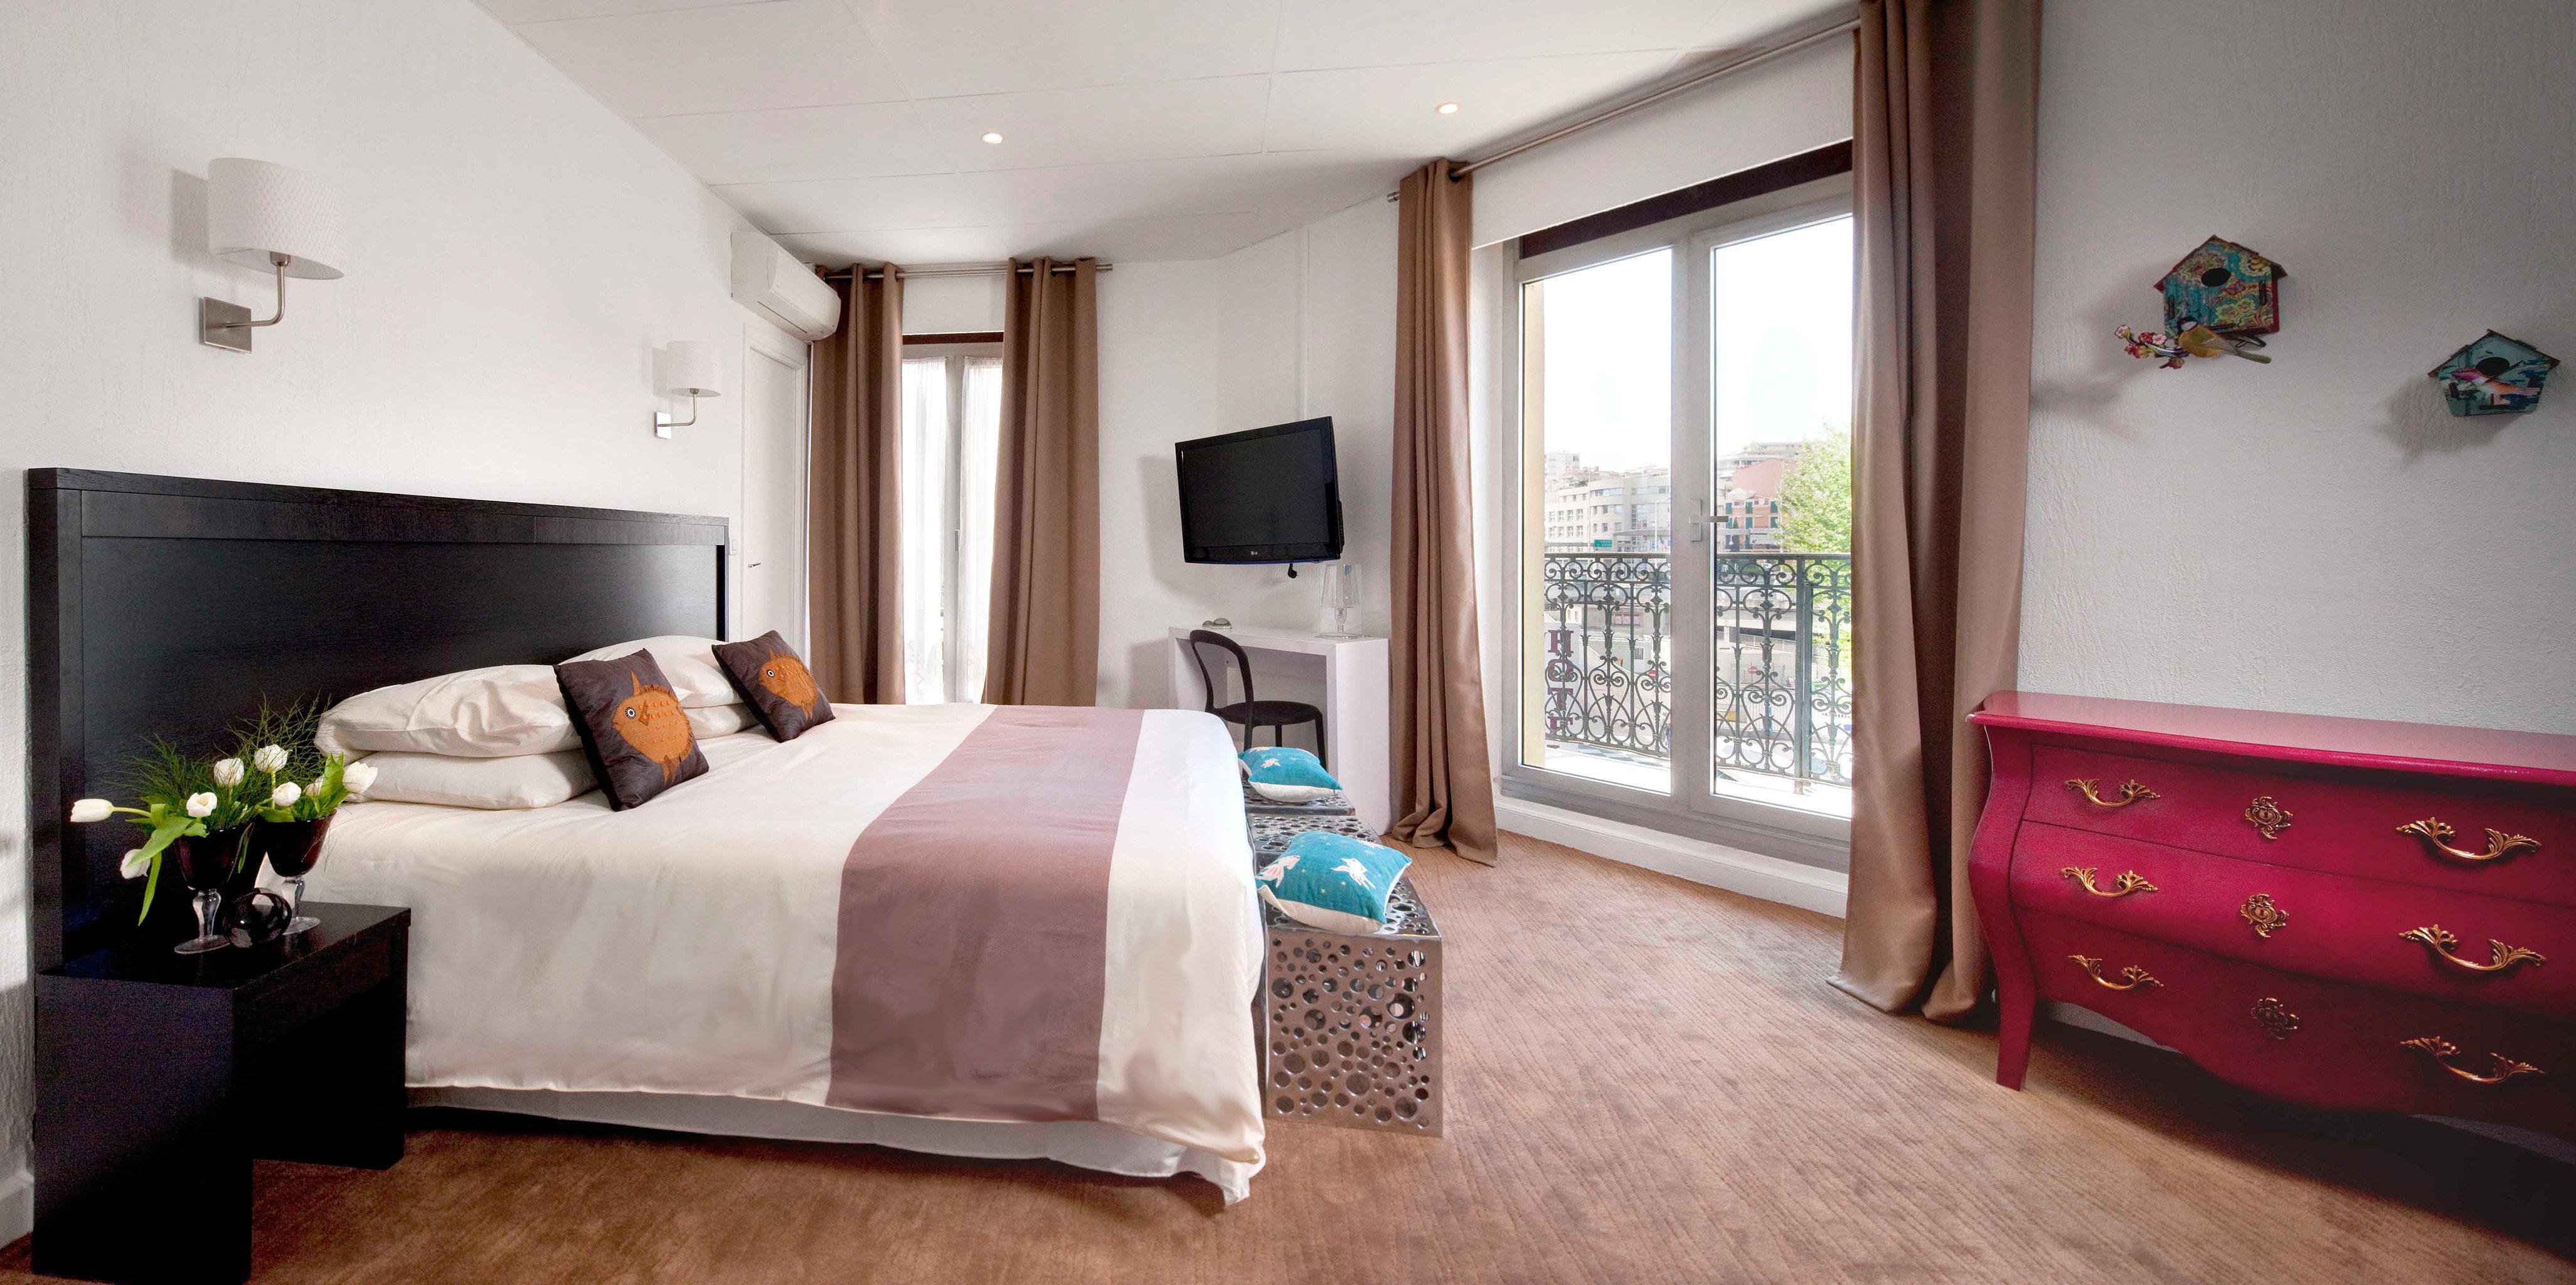 Bedroom Modern Suite property home cottage living room